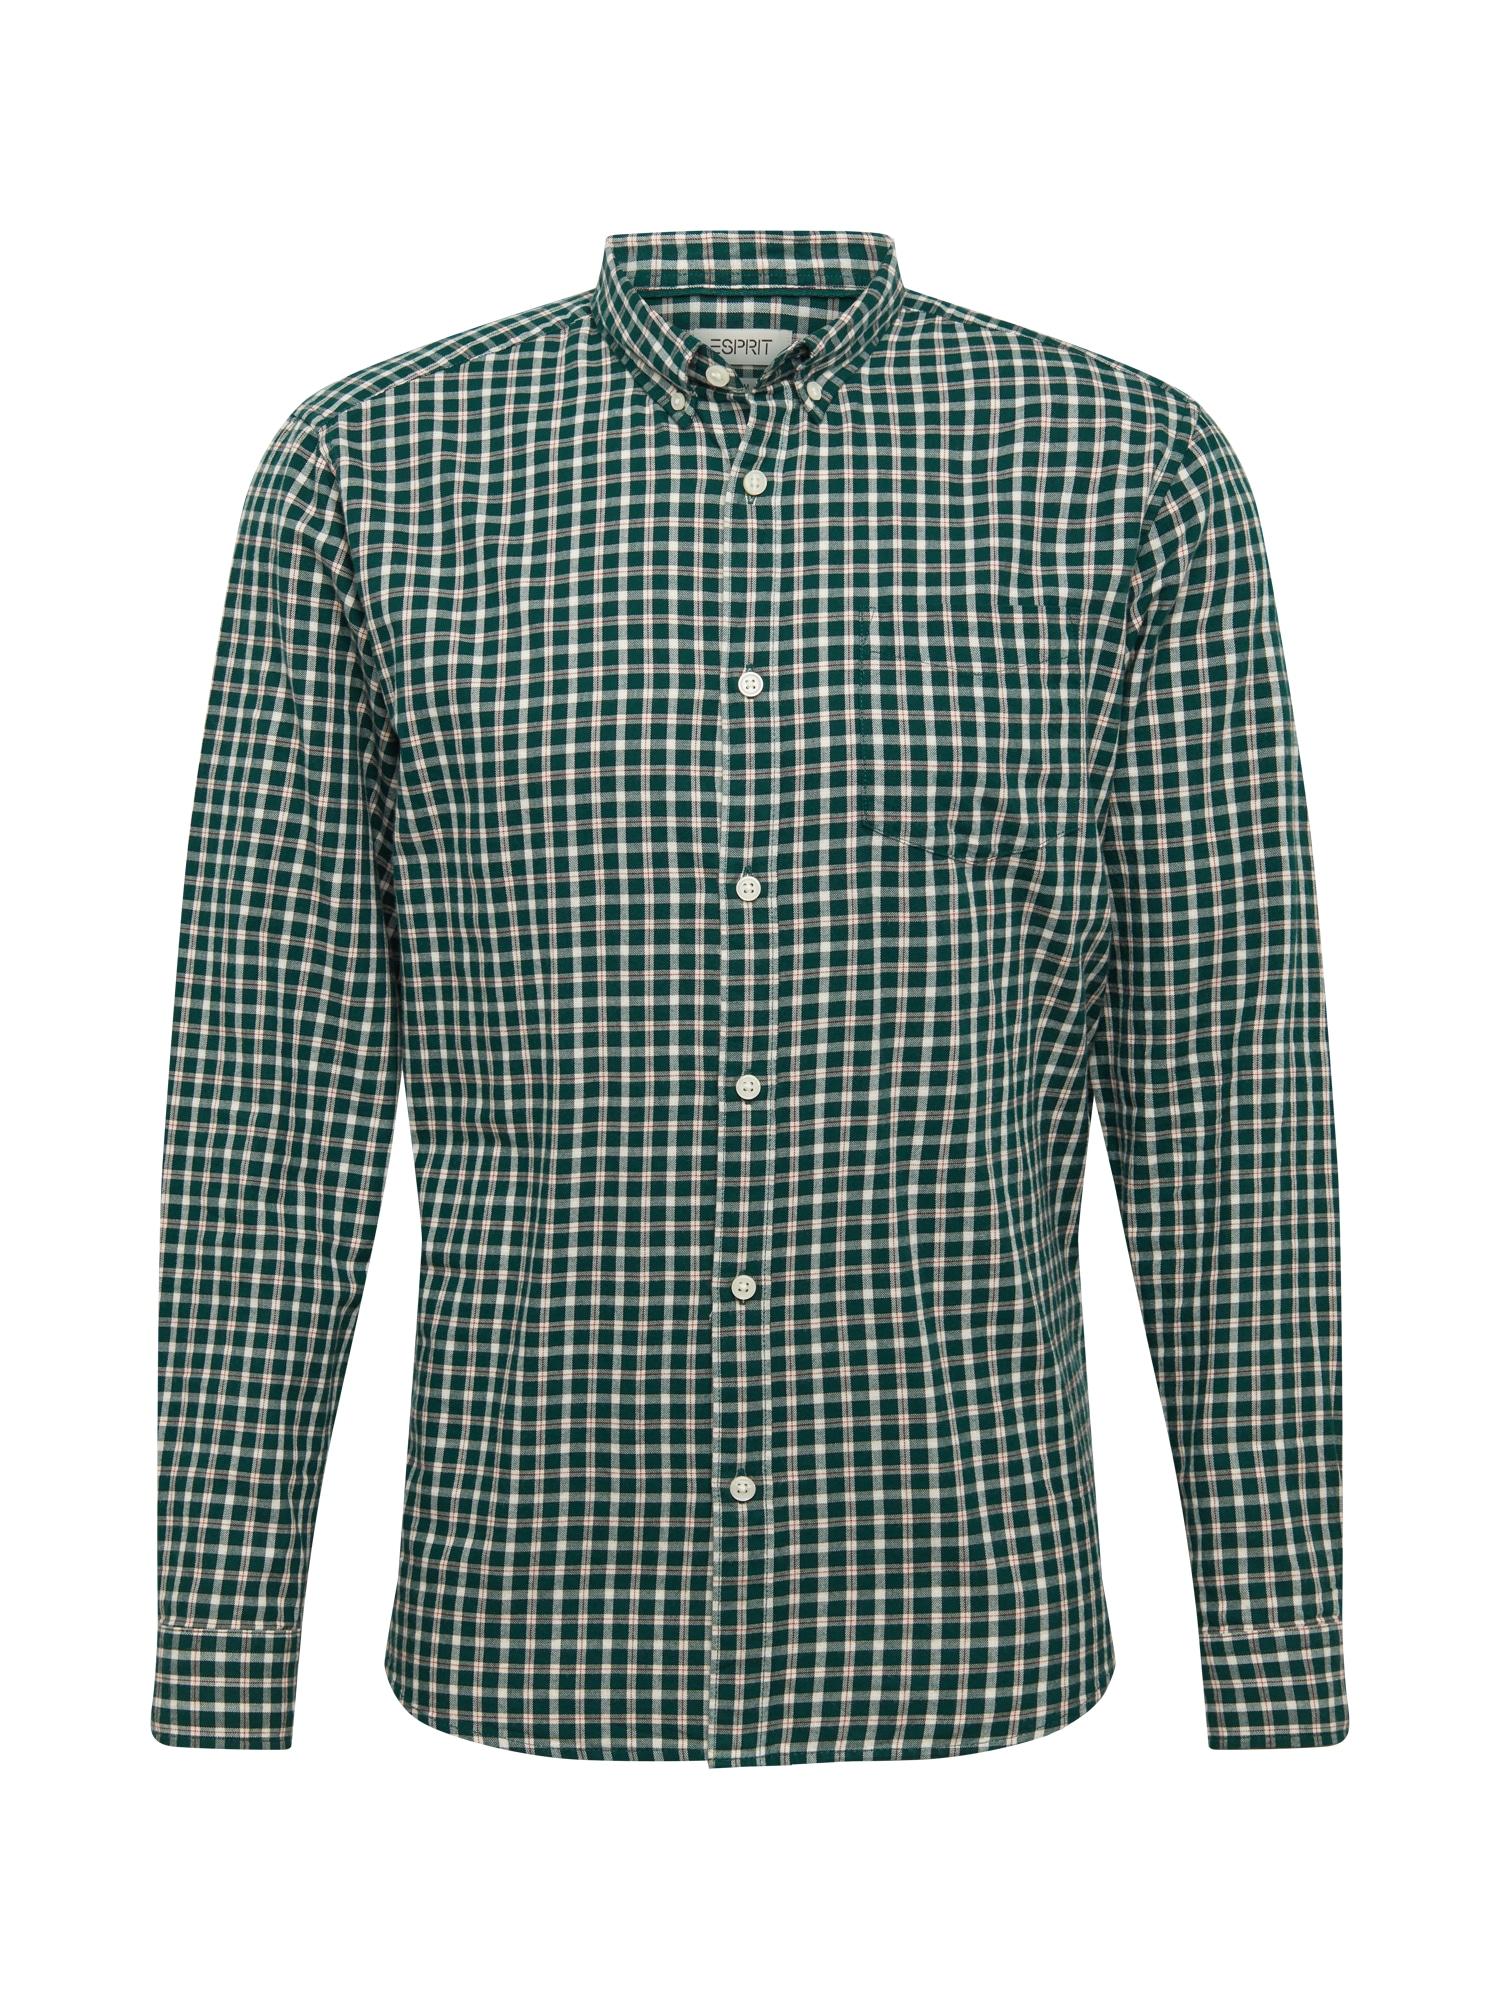 ESPRIT Marškiniai tamsiai žalia / balta / raudona